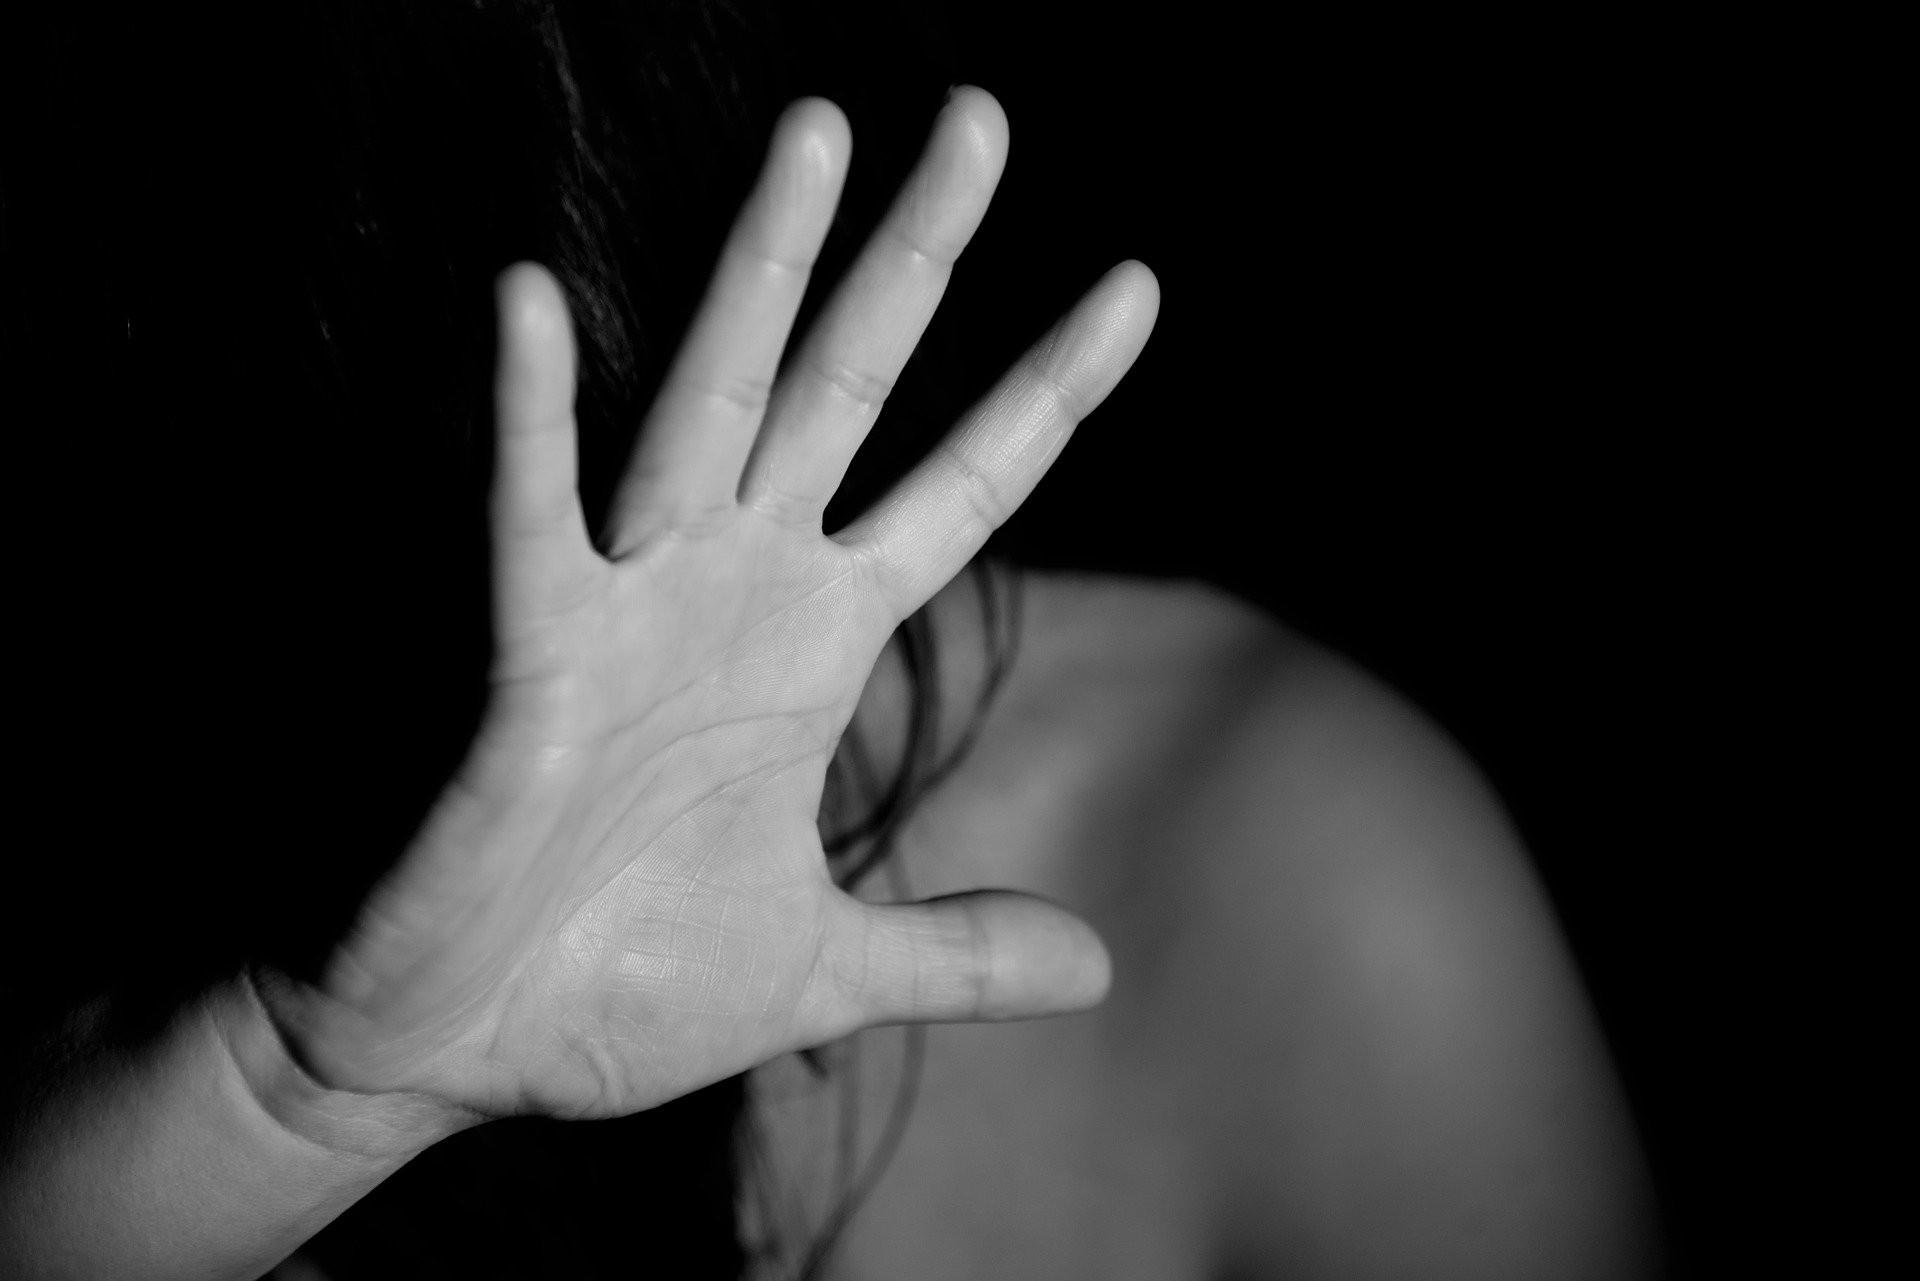 Uma em cada 10 mulheres no DF sofreu violência sexual alguma vez na vida, diz pesquisa